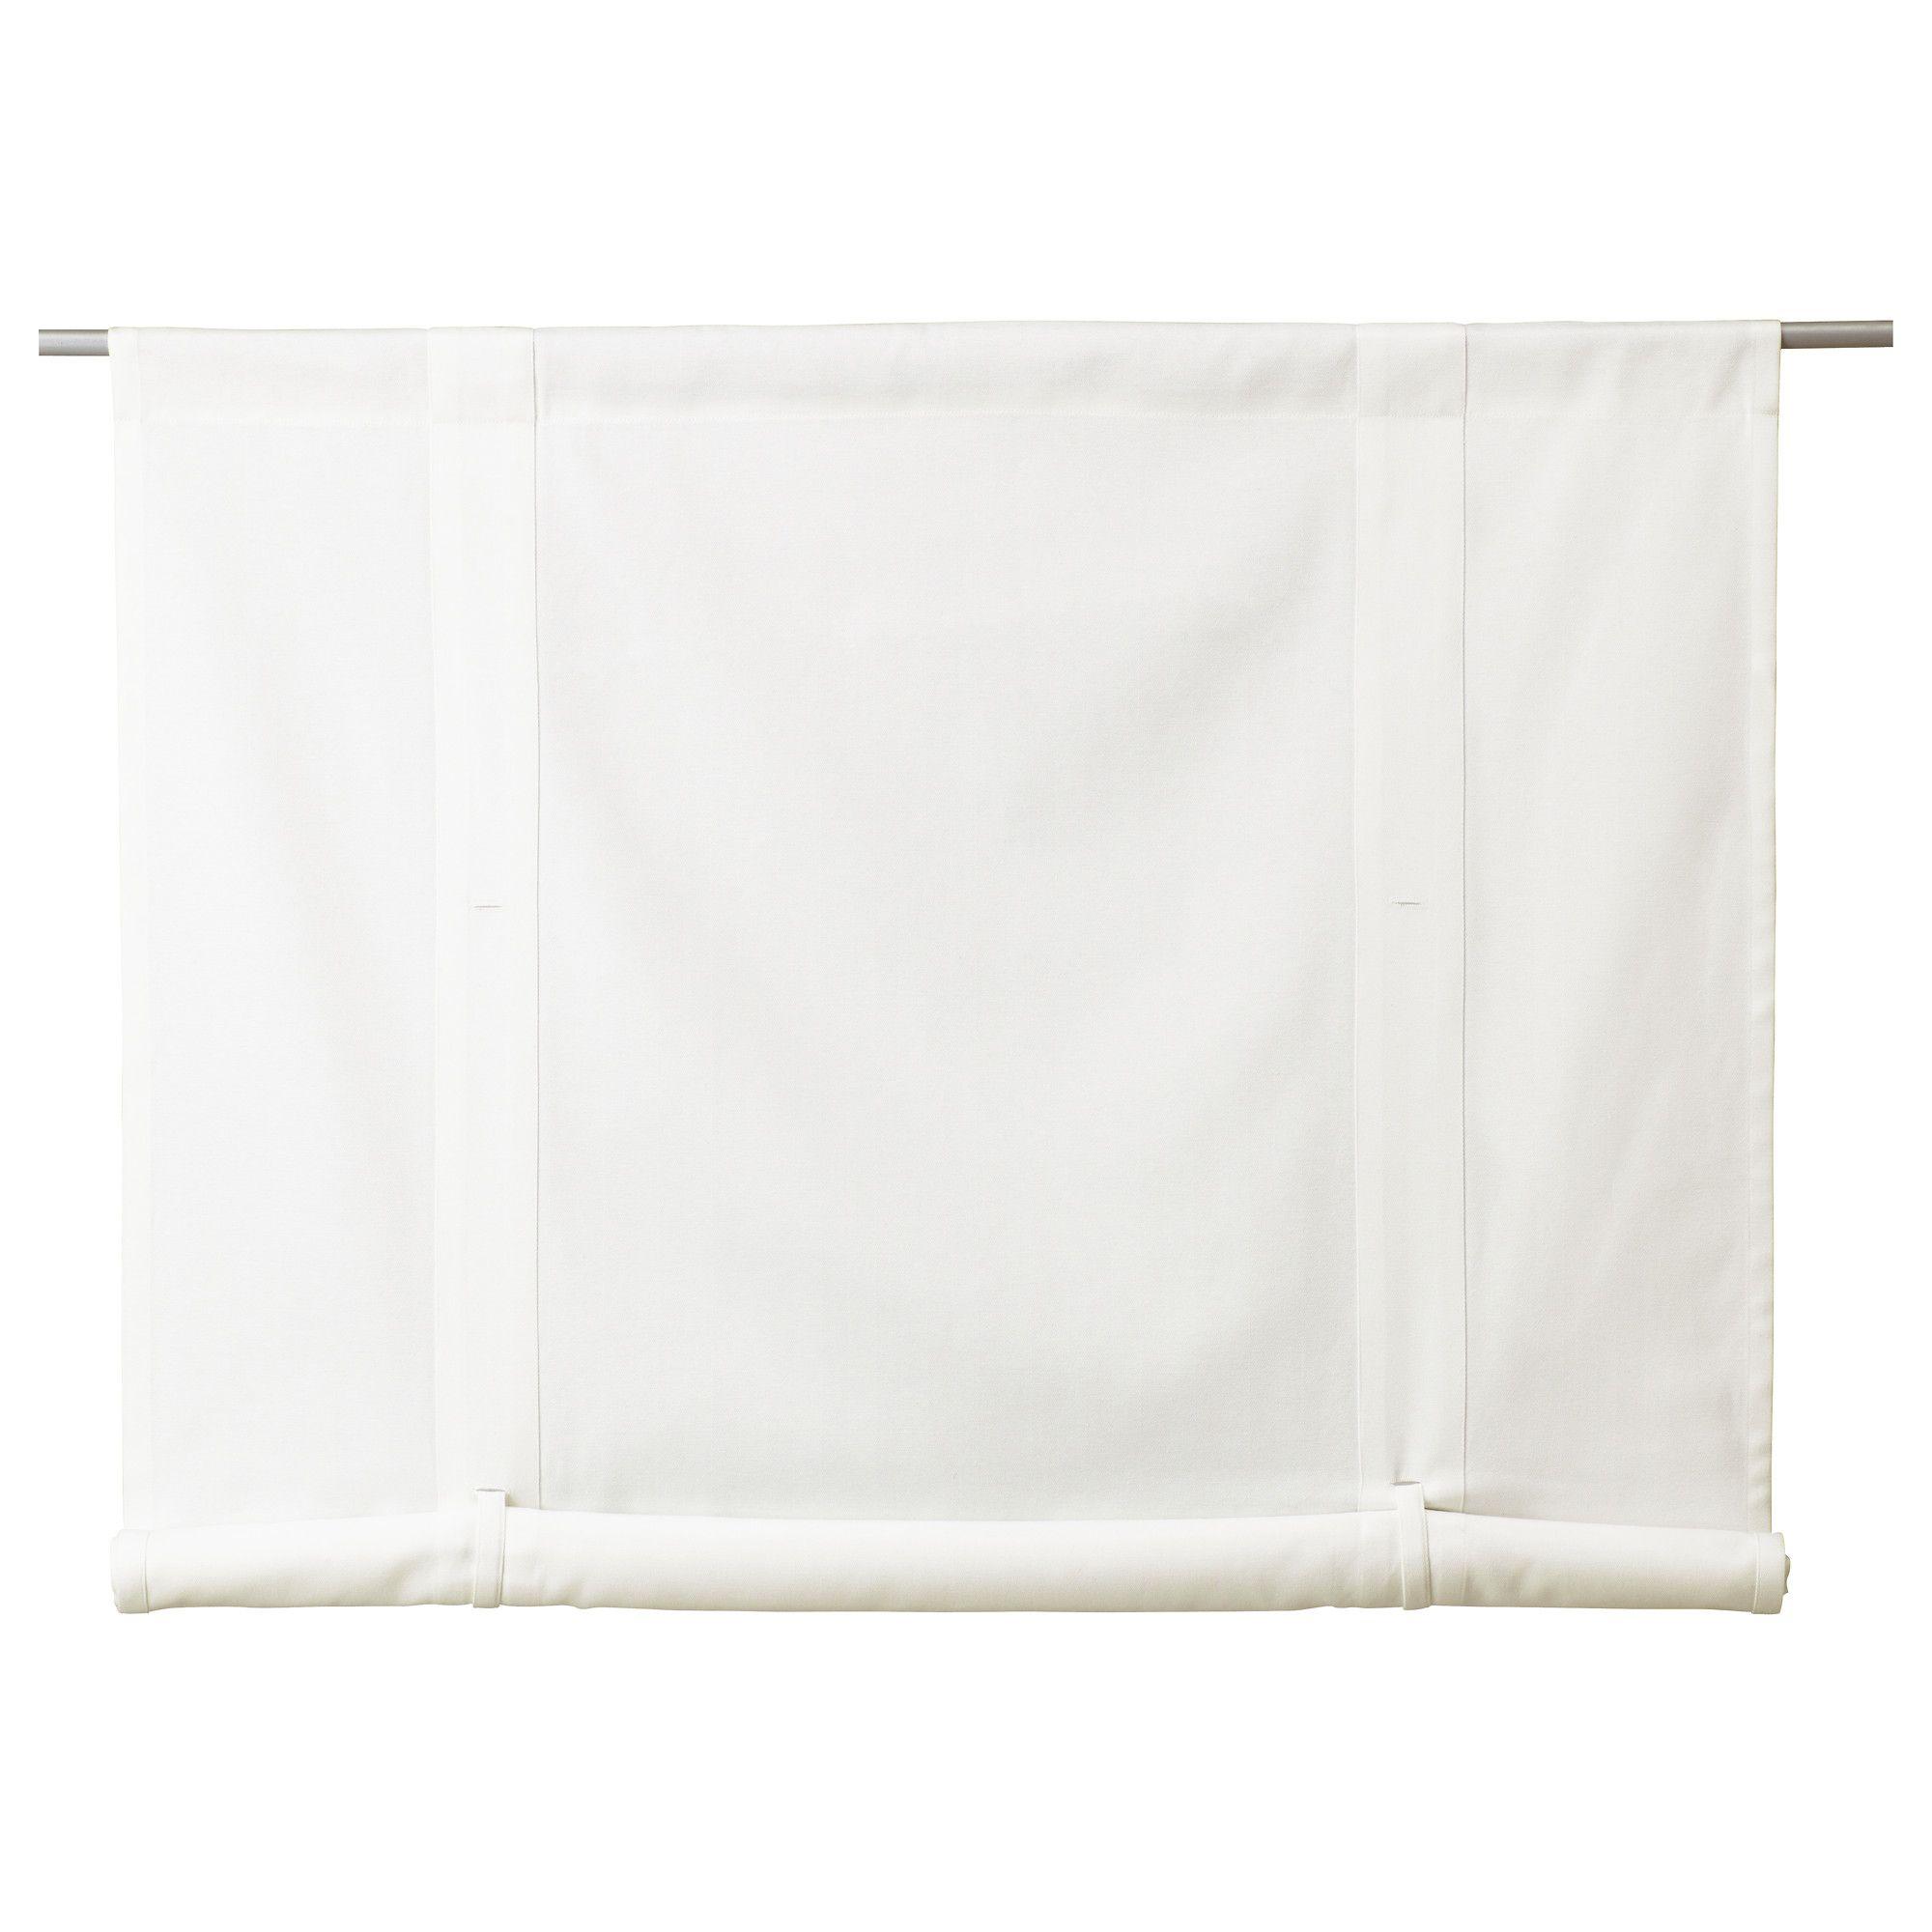 EMMIE Rolgordijn - 100x180 cm - IKEA | gordijnen | Pinterest | Room ...